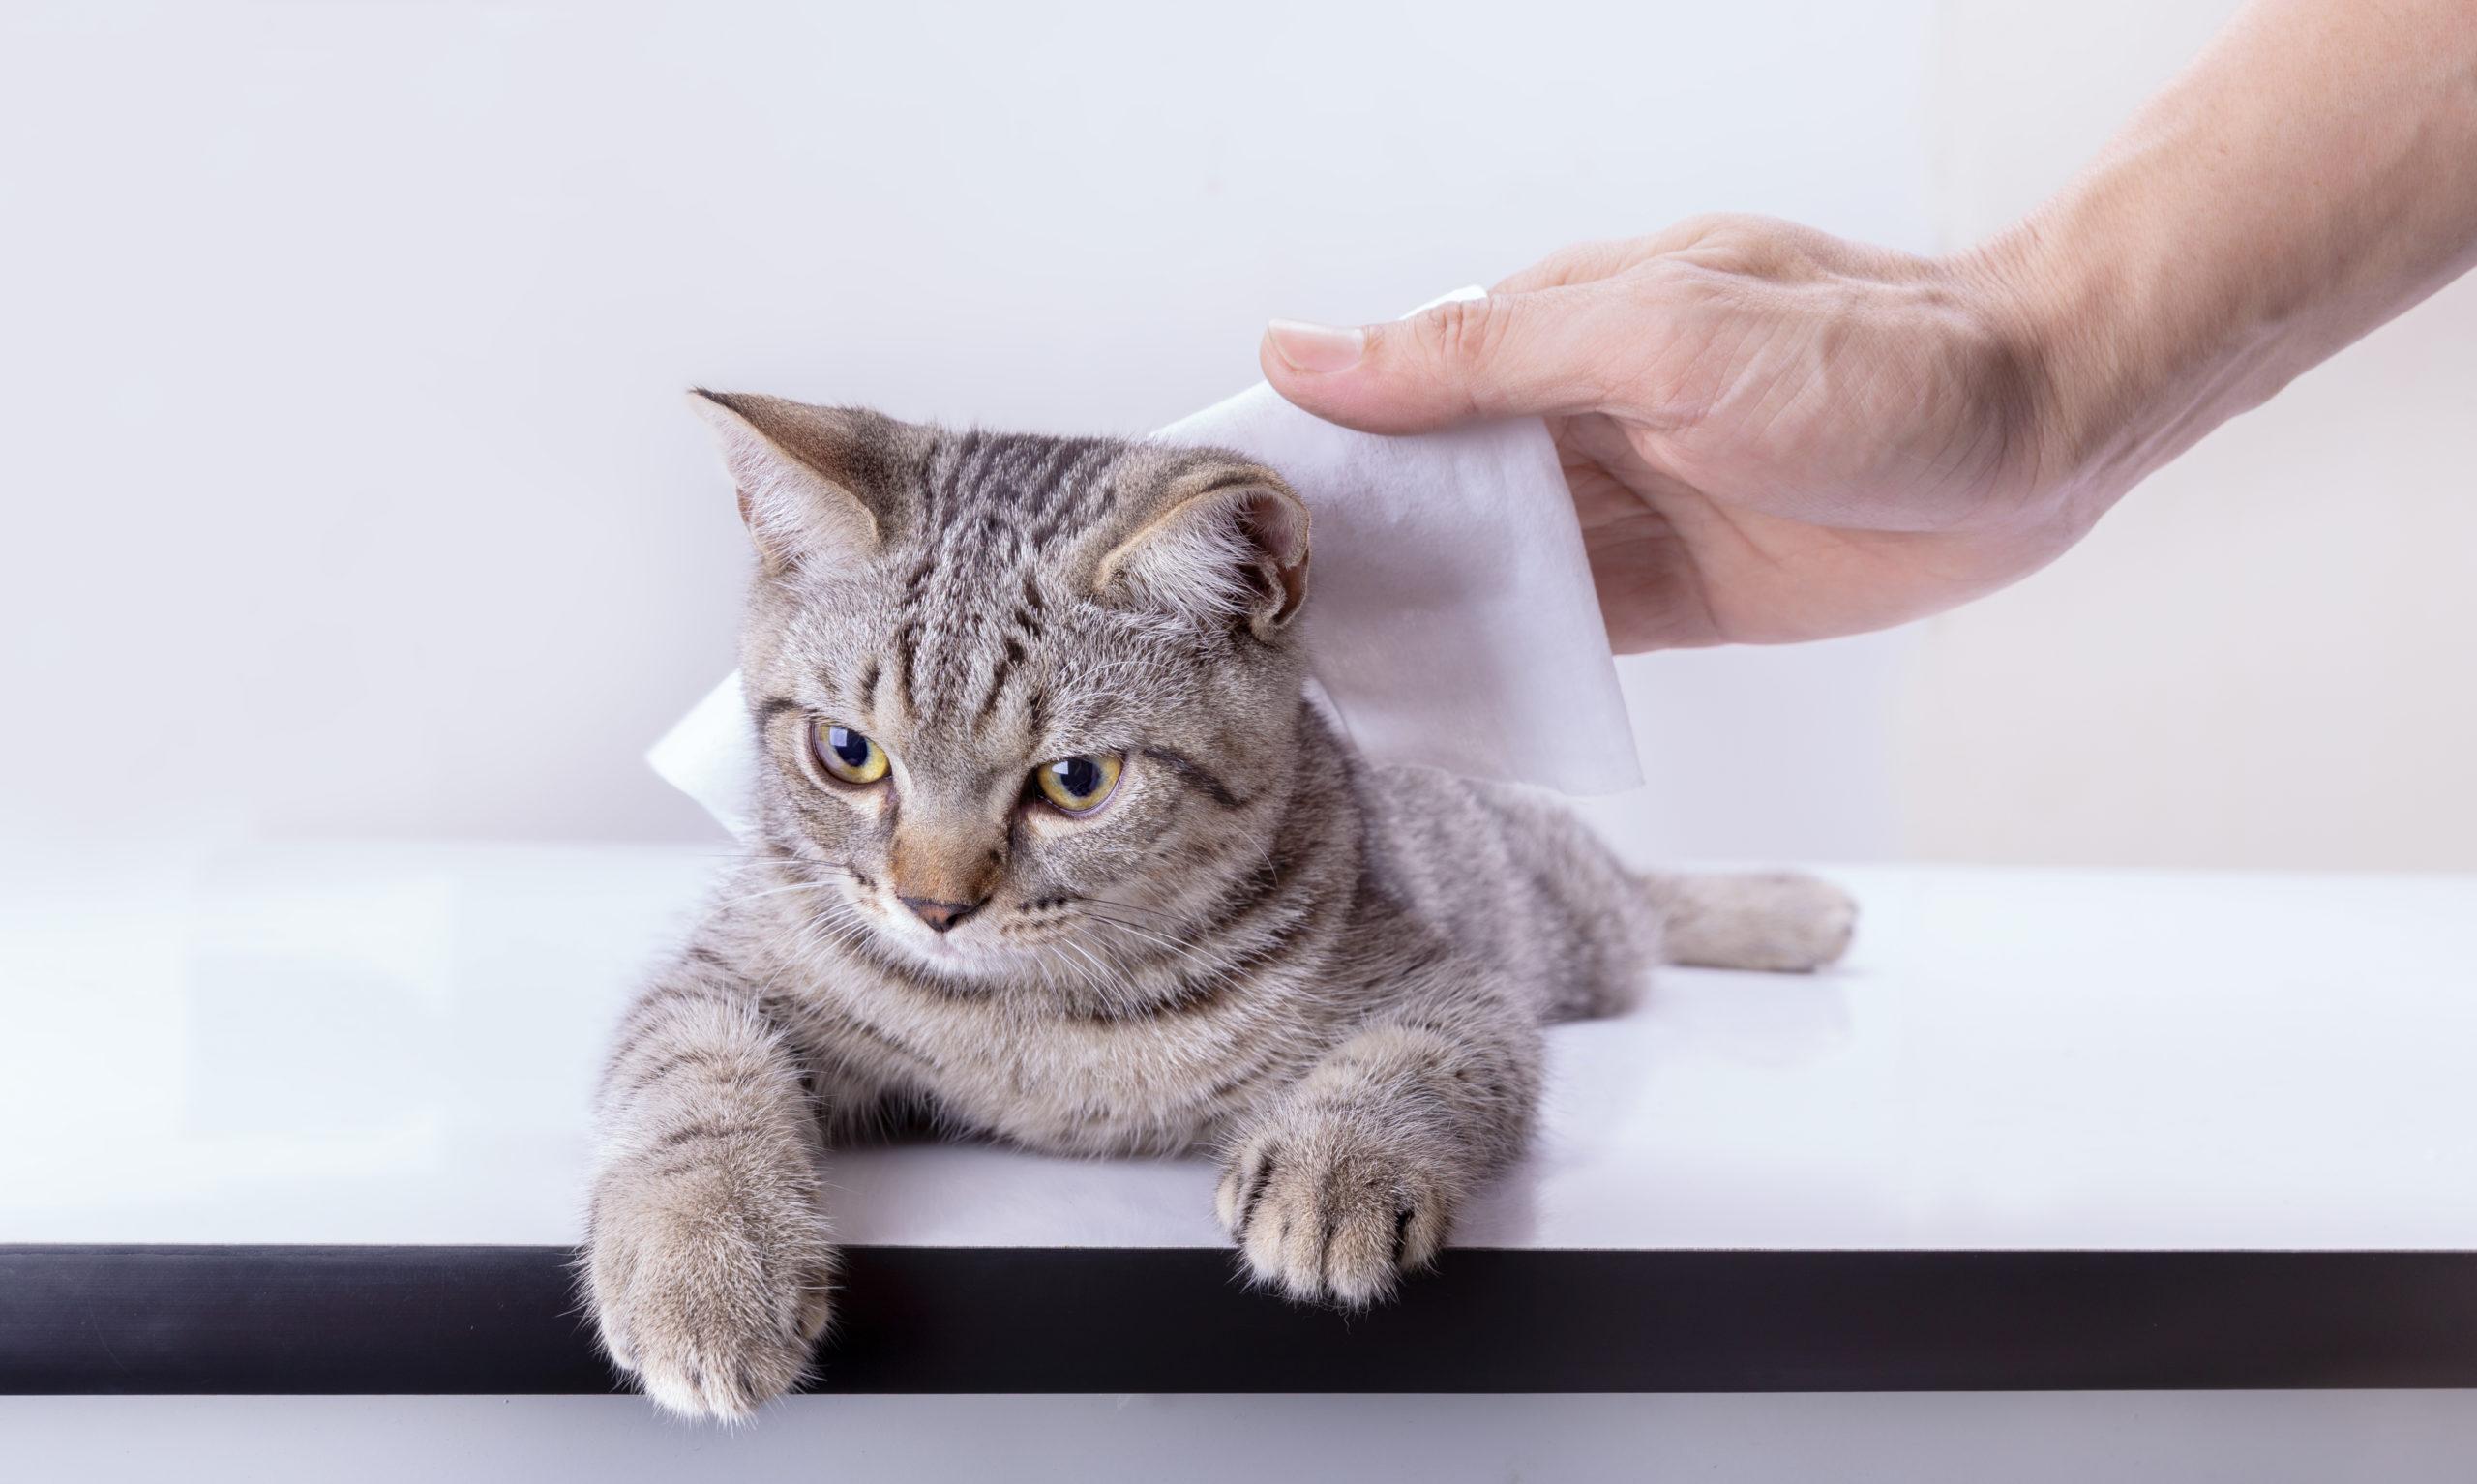 ペット初心者のネコの飼い方【初心者がネコを迎えるポイント】